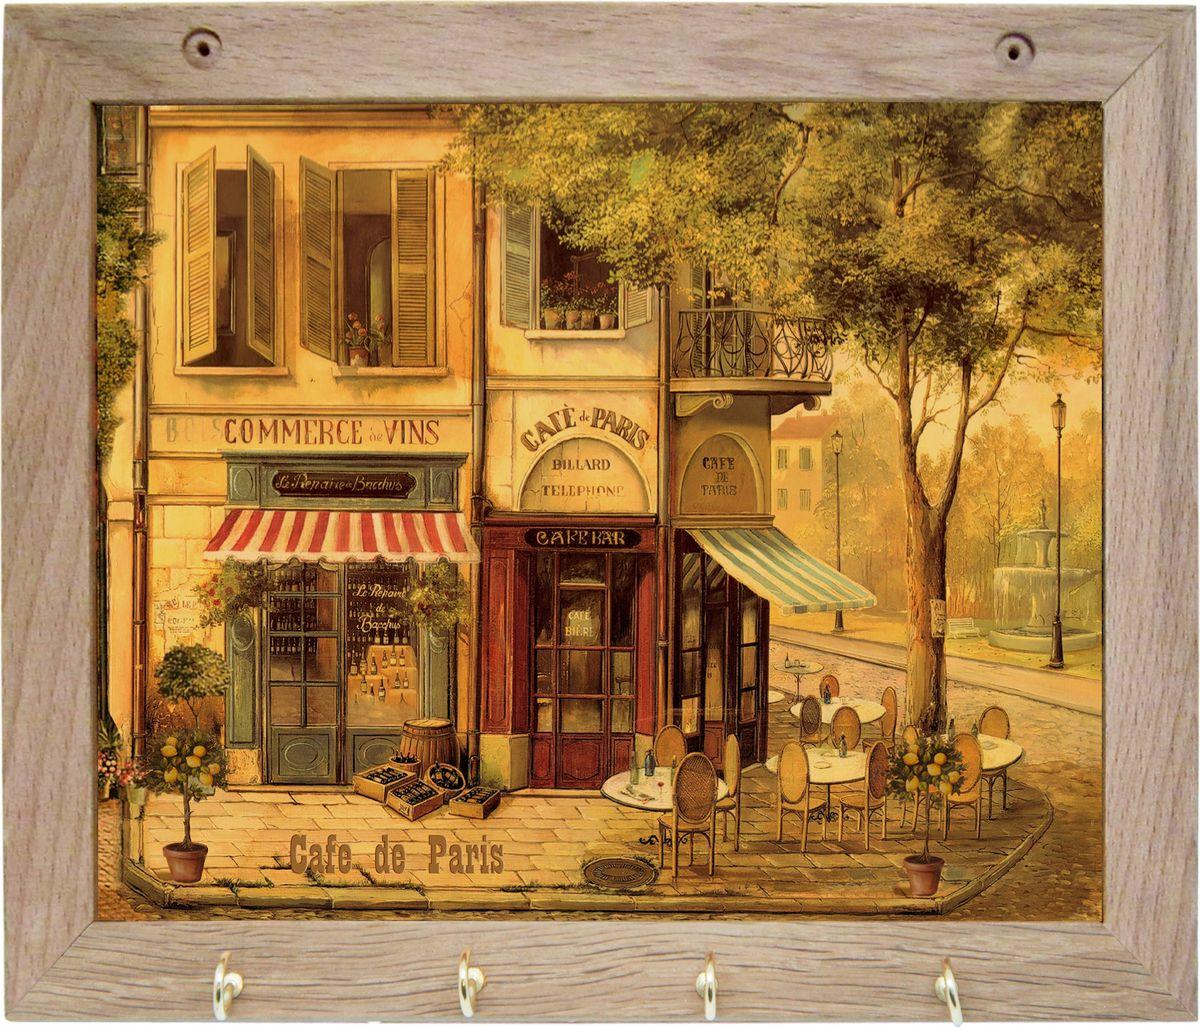 Вешалка GiftnHome Парижское кафе, с 4 крючками, 20 х 25 смTH-CafeВешалка GiftnHome Парижское кафе в стиле Art-Casual изготовлена из натурального дерева в комбинации с модными цветными принтами на корпусе отКреативной студии AntonioK. Вешалка снабжена 4 металлическими крючками для подвешивания аксессуаров, полотенец, прихваток и другоготекстиля.Это изделие больше, чем просто вешалка, оно несет интерьерное решение, задает настроение и стиль на вашей кухне, столовой или дачнойверанде.Art-Casual значит буквально повседневное искусство. Это новый стиль предложения обычных домашних аксессуаров в качестве элементов,задающих стиль и шарм окружающего пространства. Уникальное сочетание привычной функциональности и декоративной, интерьерной функции -это актуальная, современная тенденция от прогрессивных производителей товаров для дома.